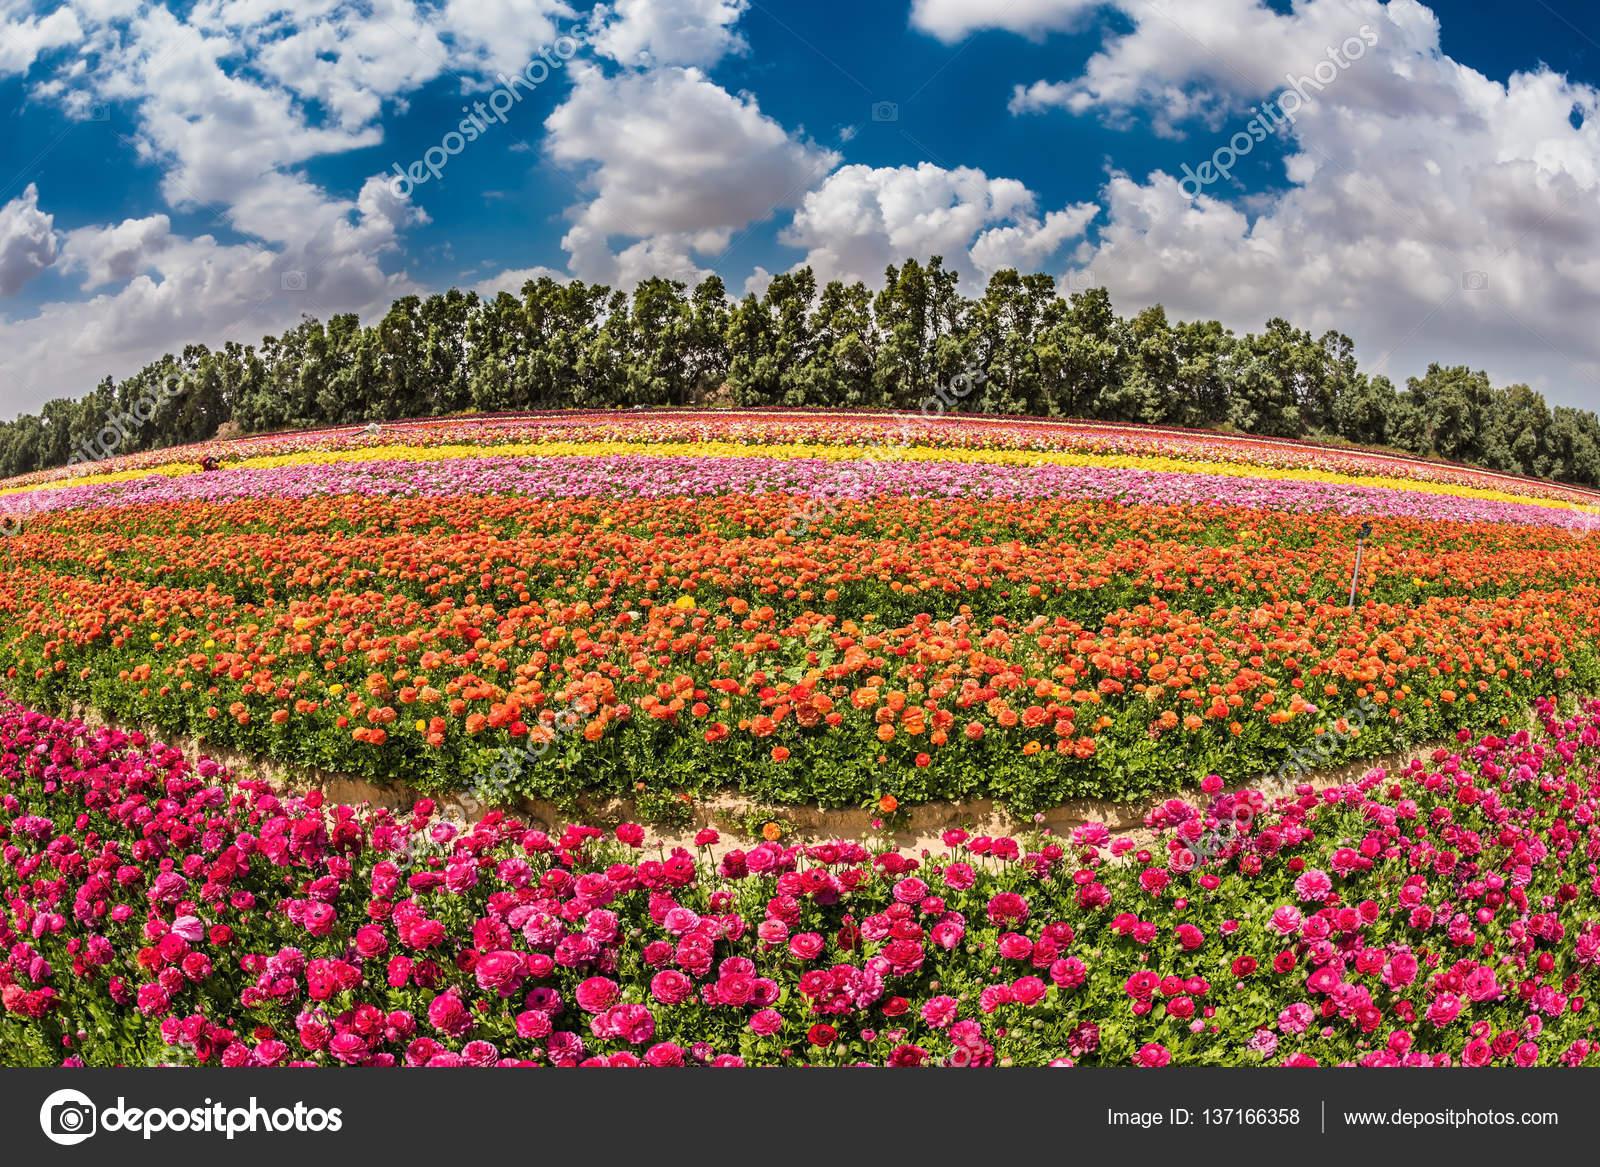 champ de fleurs plantation de bandes de couleur photographie kavramm 137166358. Black Bedroom Furniture Sets. Home Design Ideas